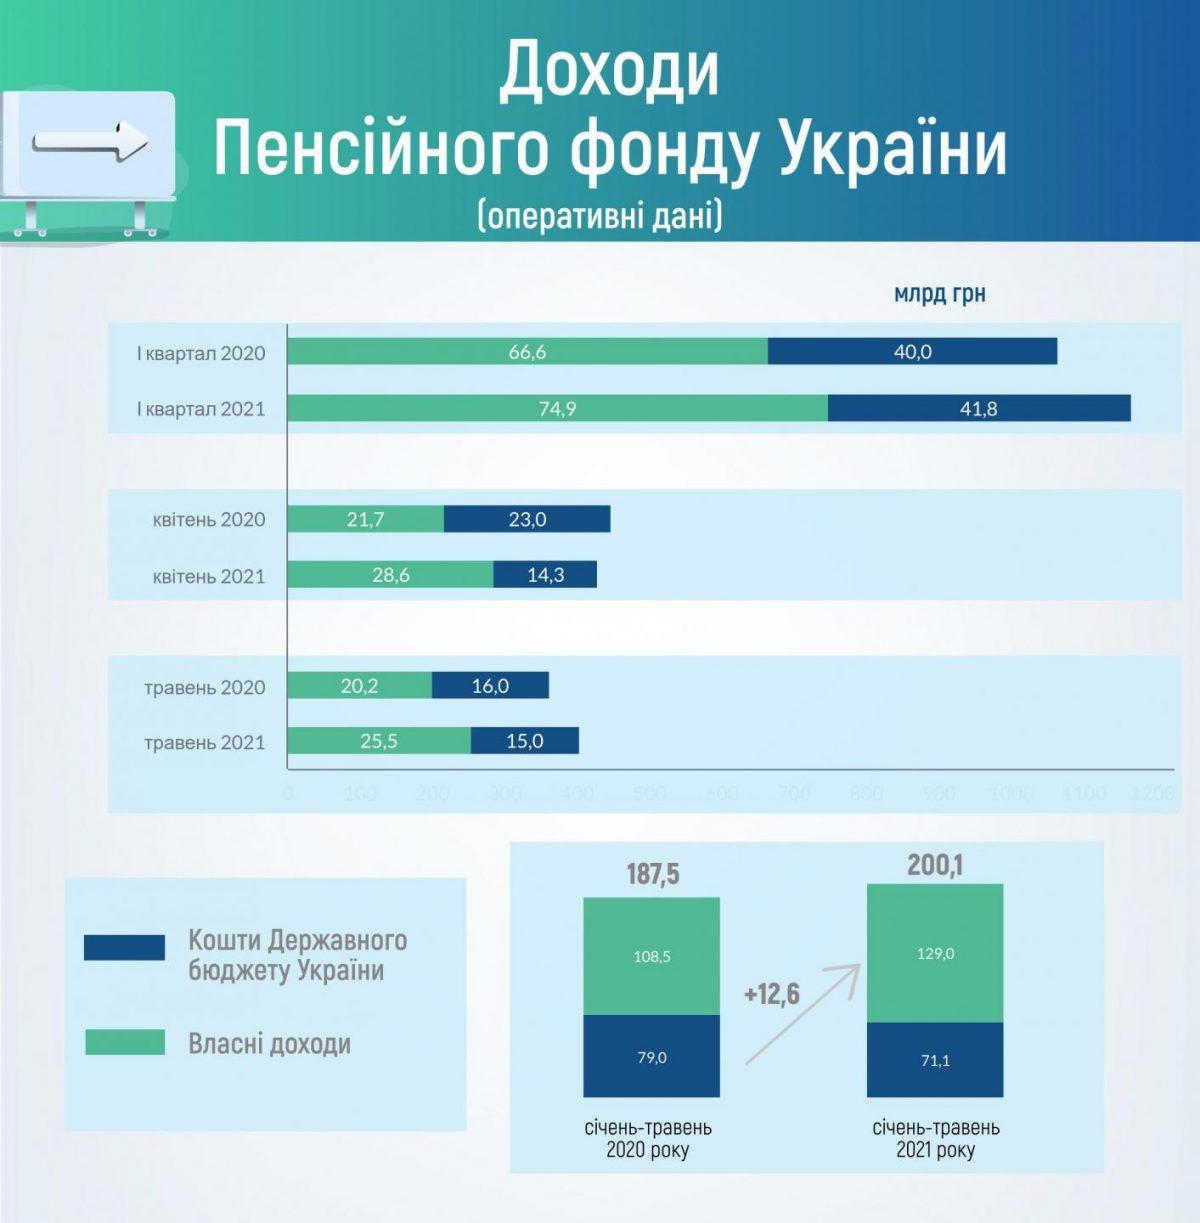 Деньги на пенсии. Пенсионный фонд с апреля перевыполняет план поступлений ЕСВ. Инфографика